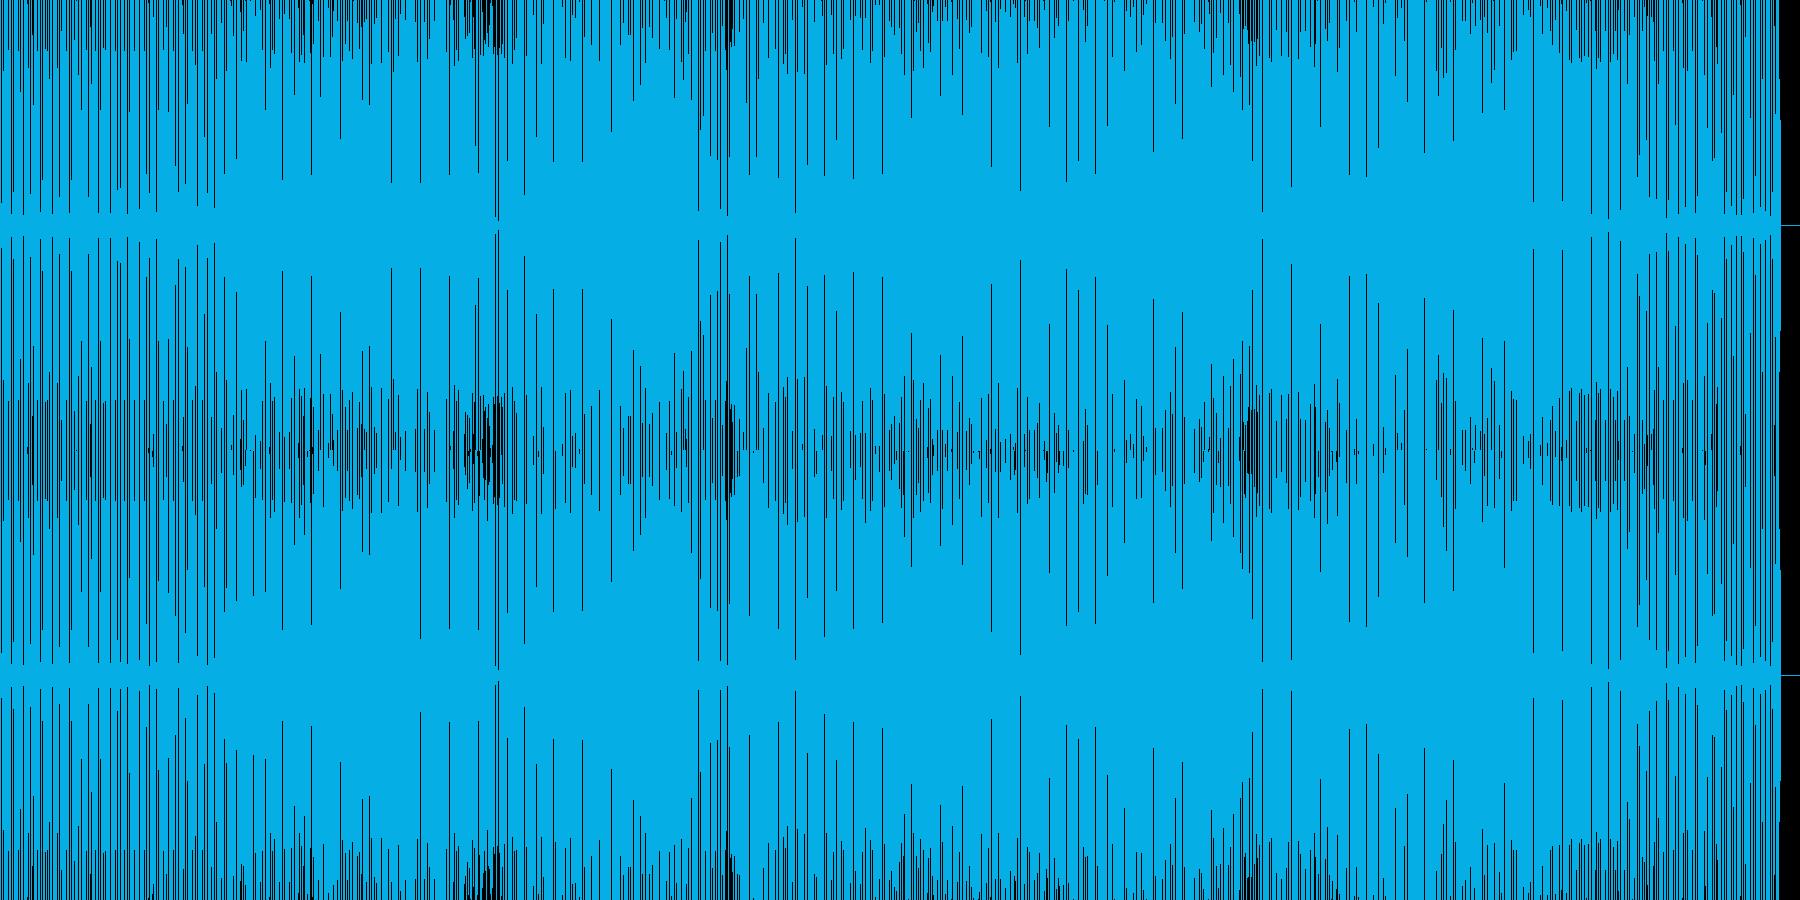 気持良いミニマルハウスの再生済みの波形